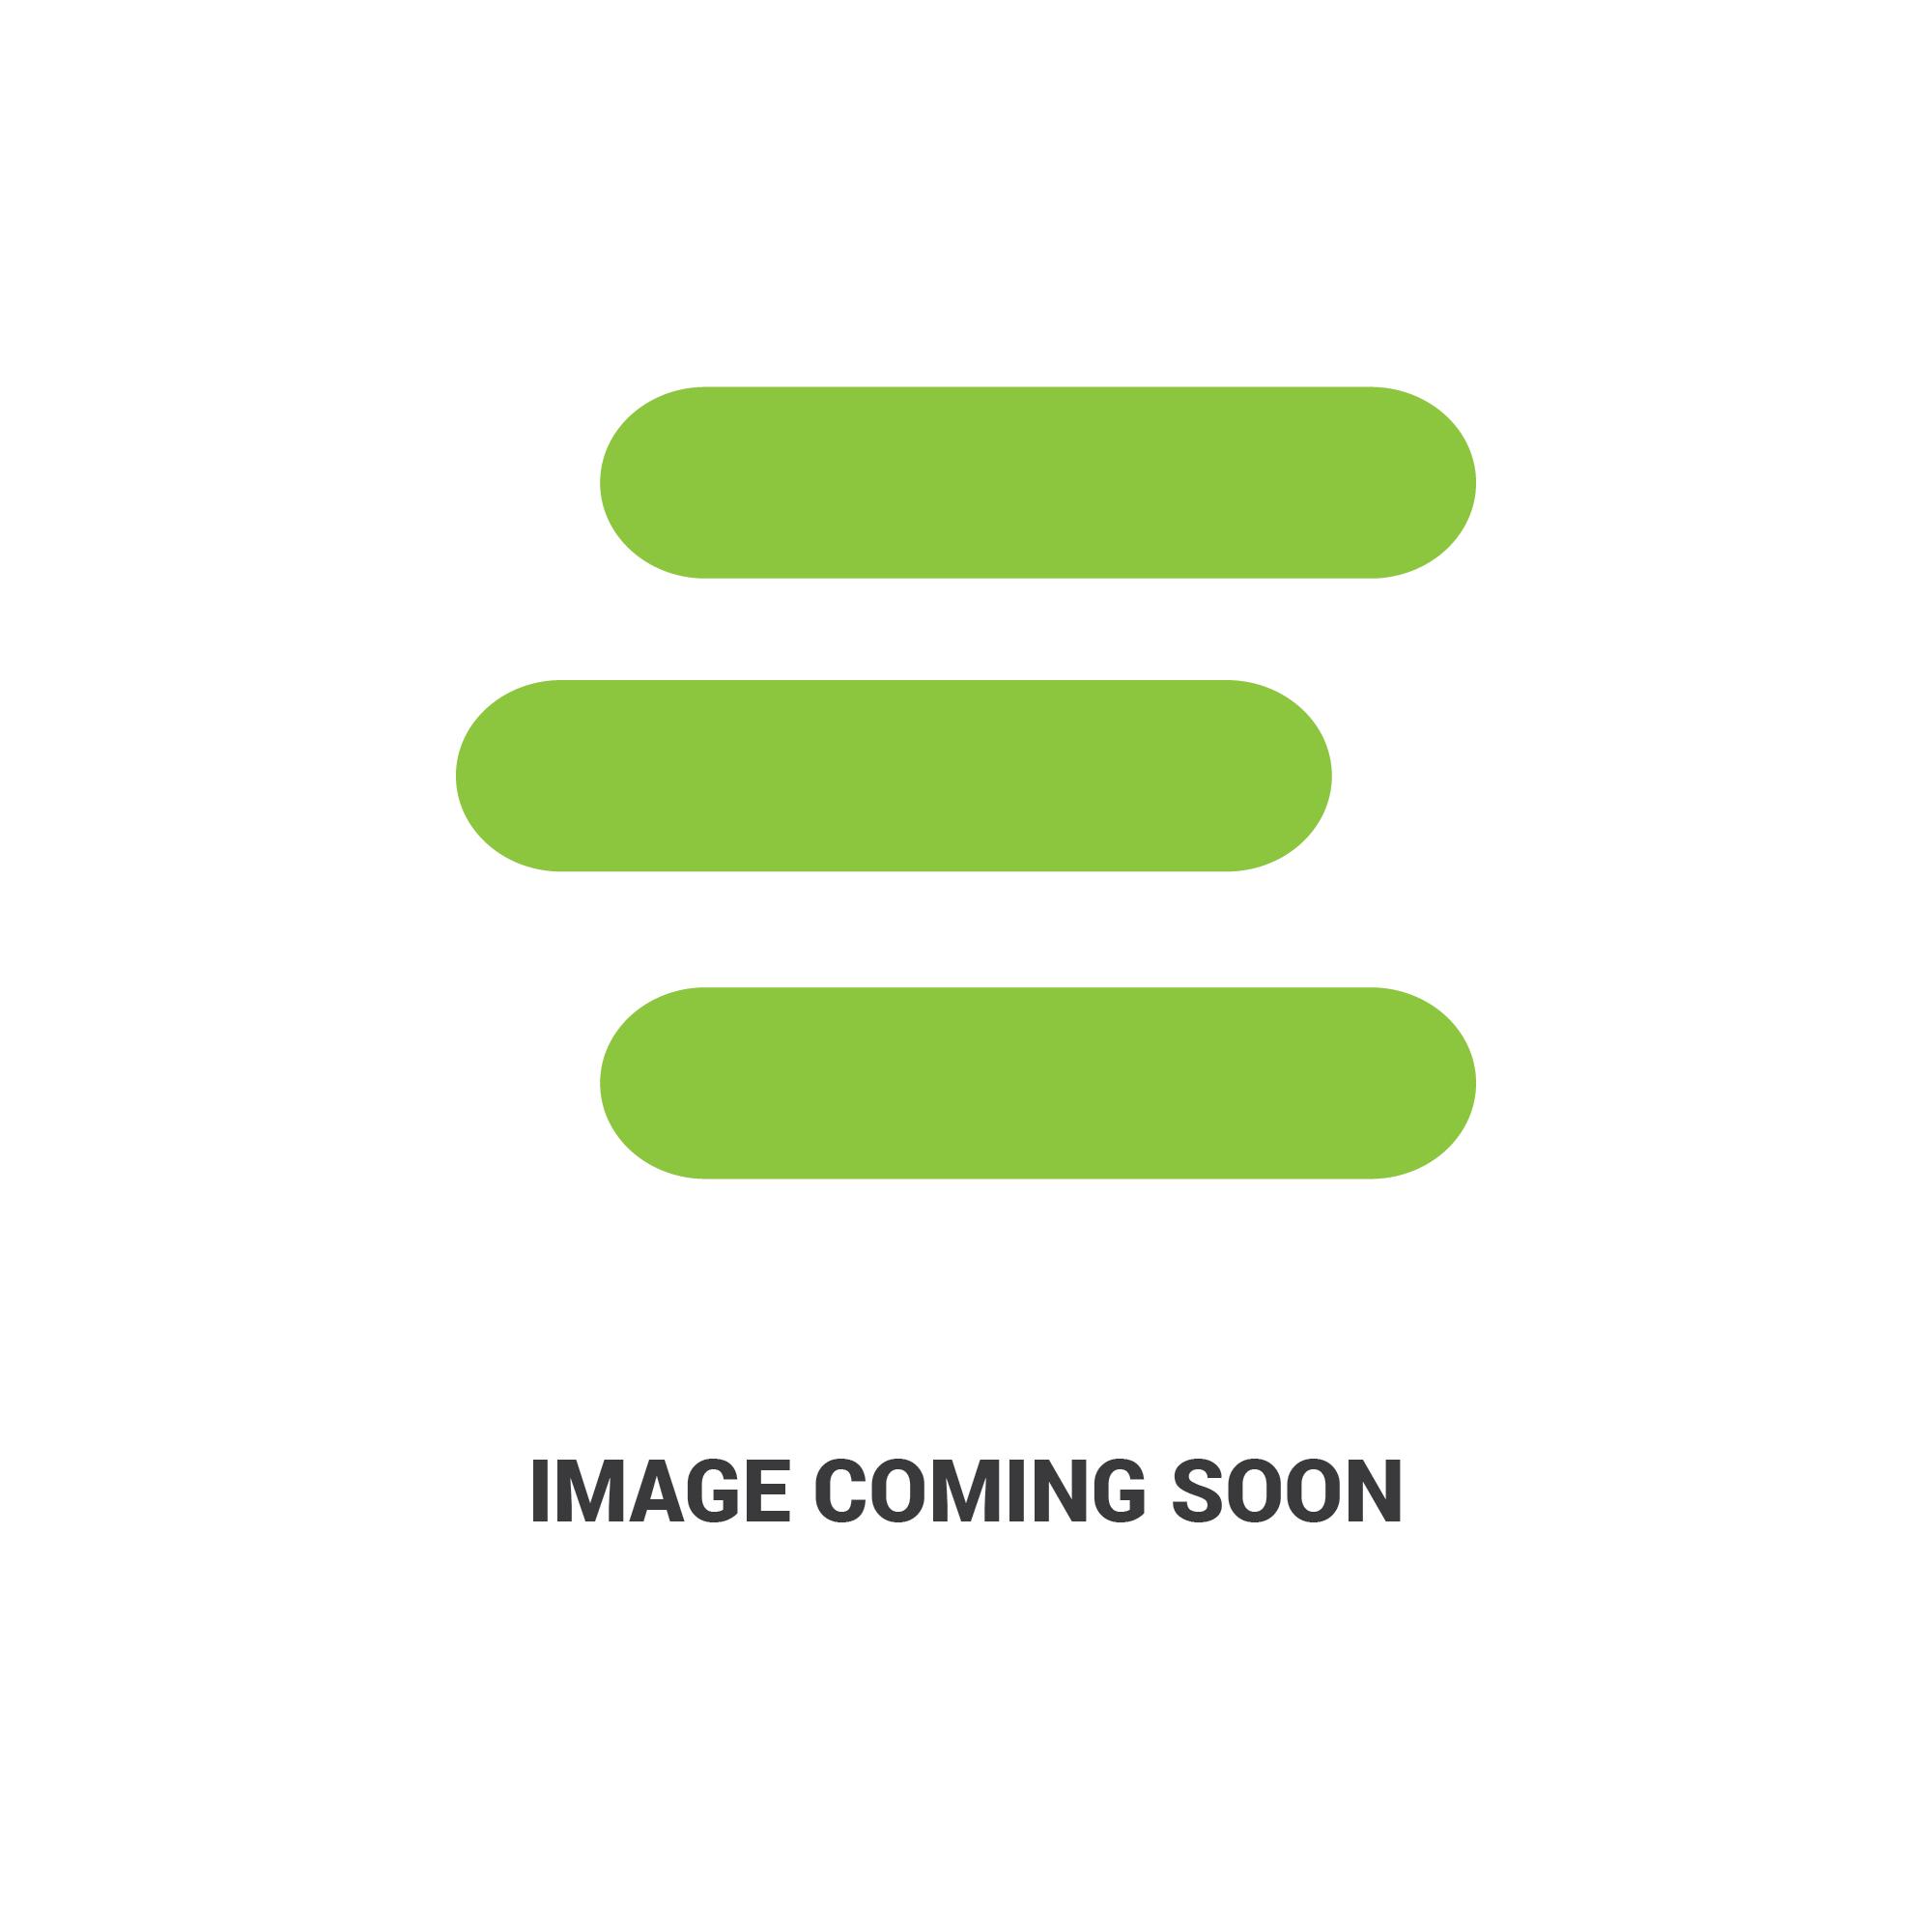 E-7140421e-7140421.jpg